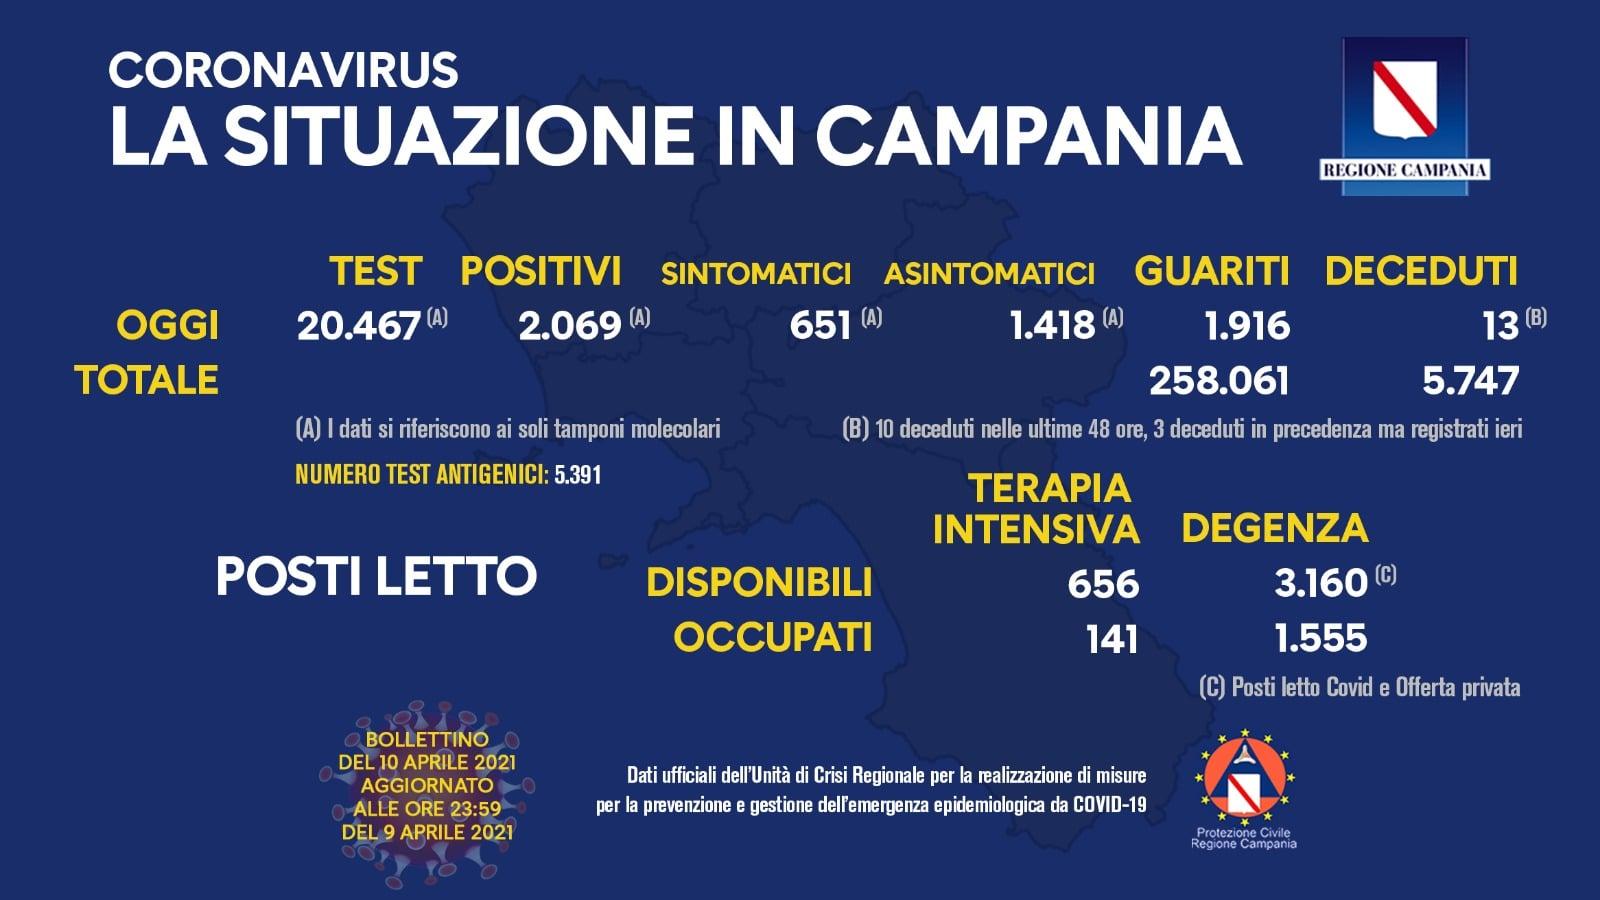 Coronavirus in Campania, bollettino del 10 aprile 2021